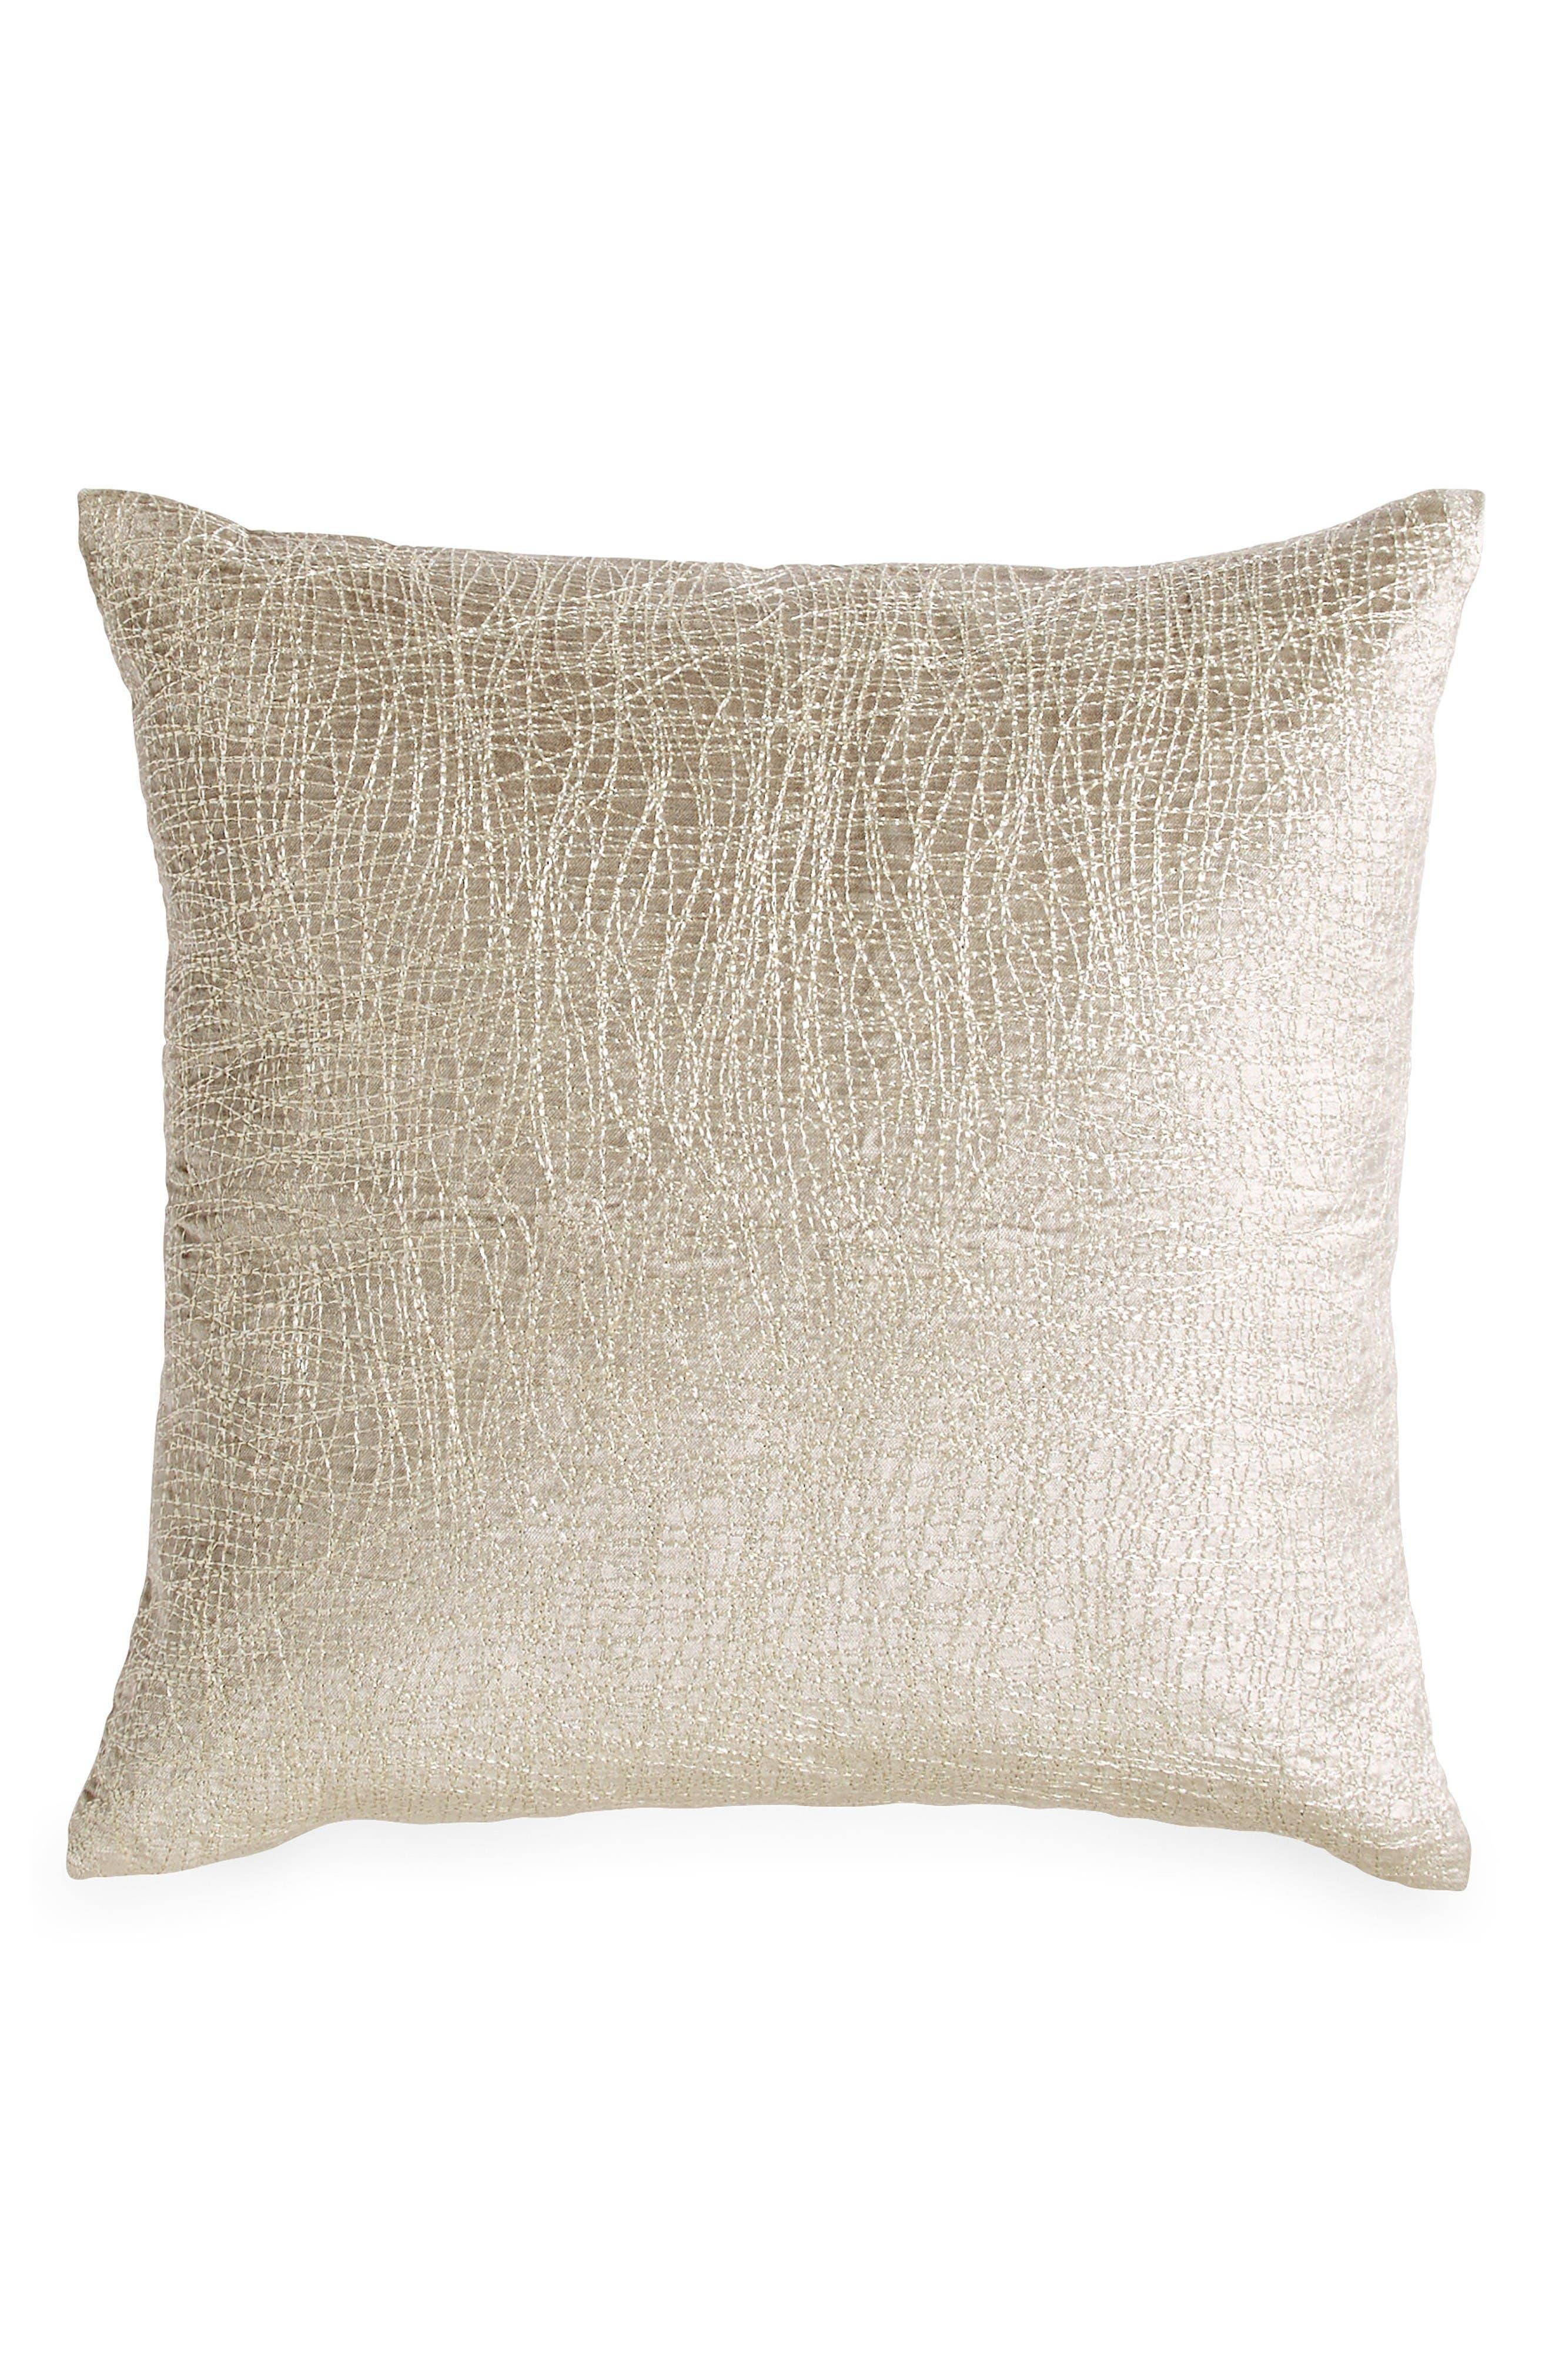 Main Image - Donna Karan New York Tidal Accent Pillow